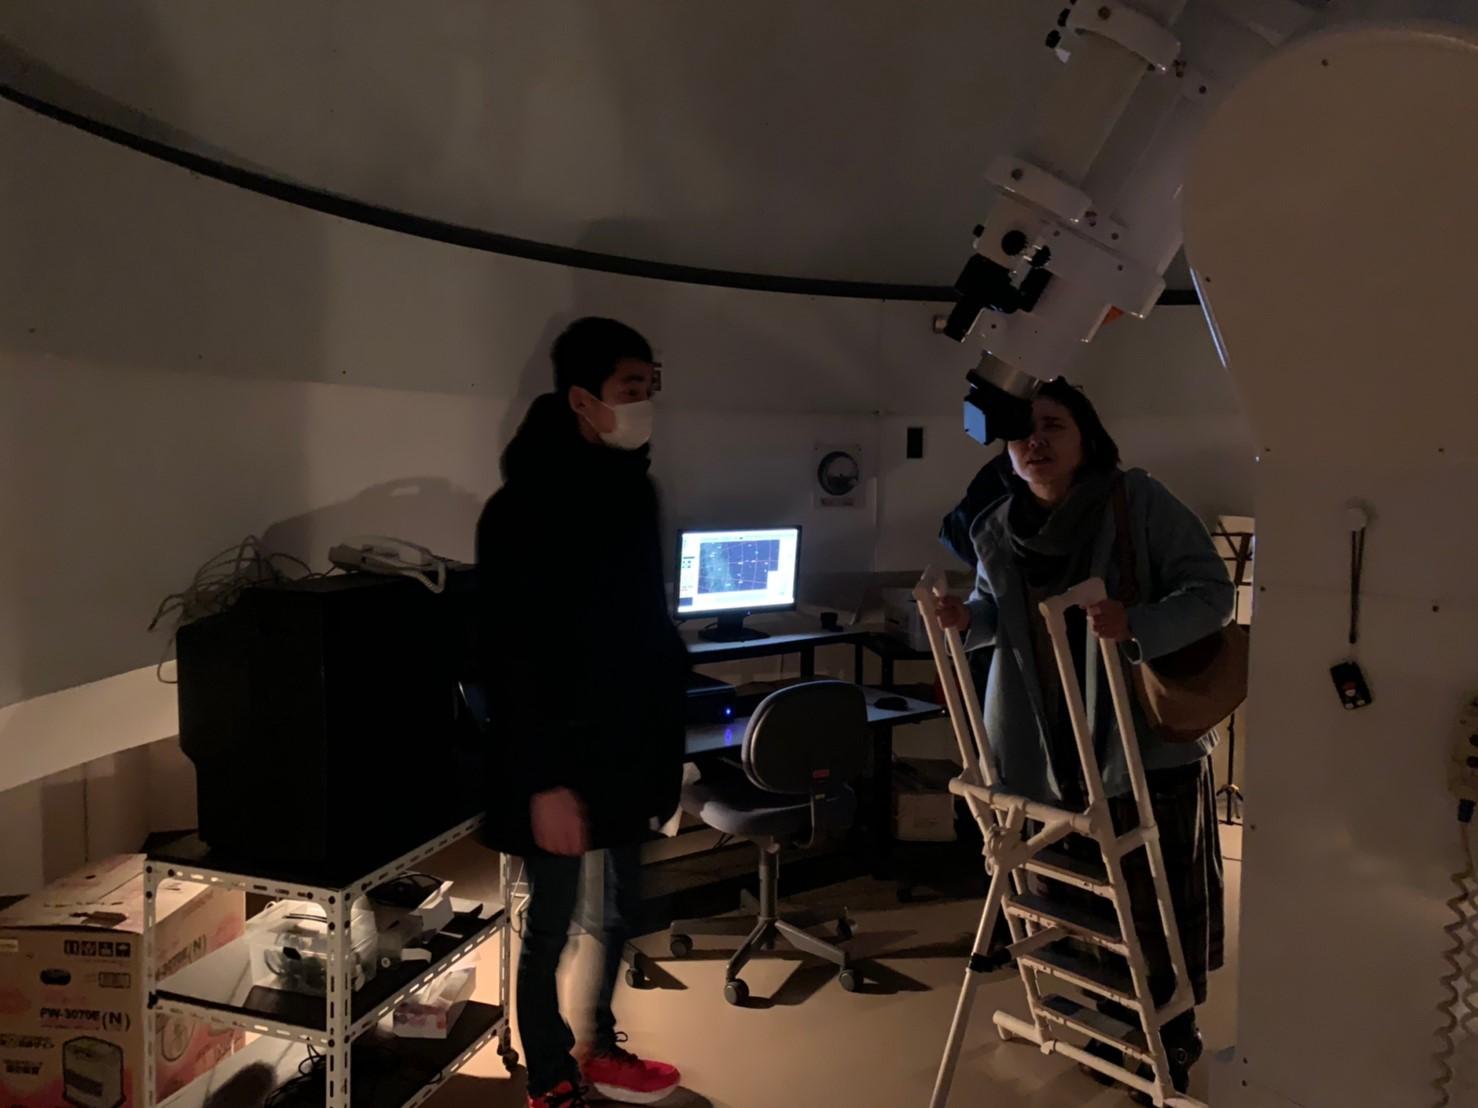 大望遠鏡では海王星や天王星をうつしました